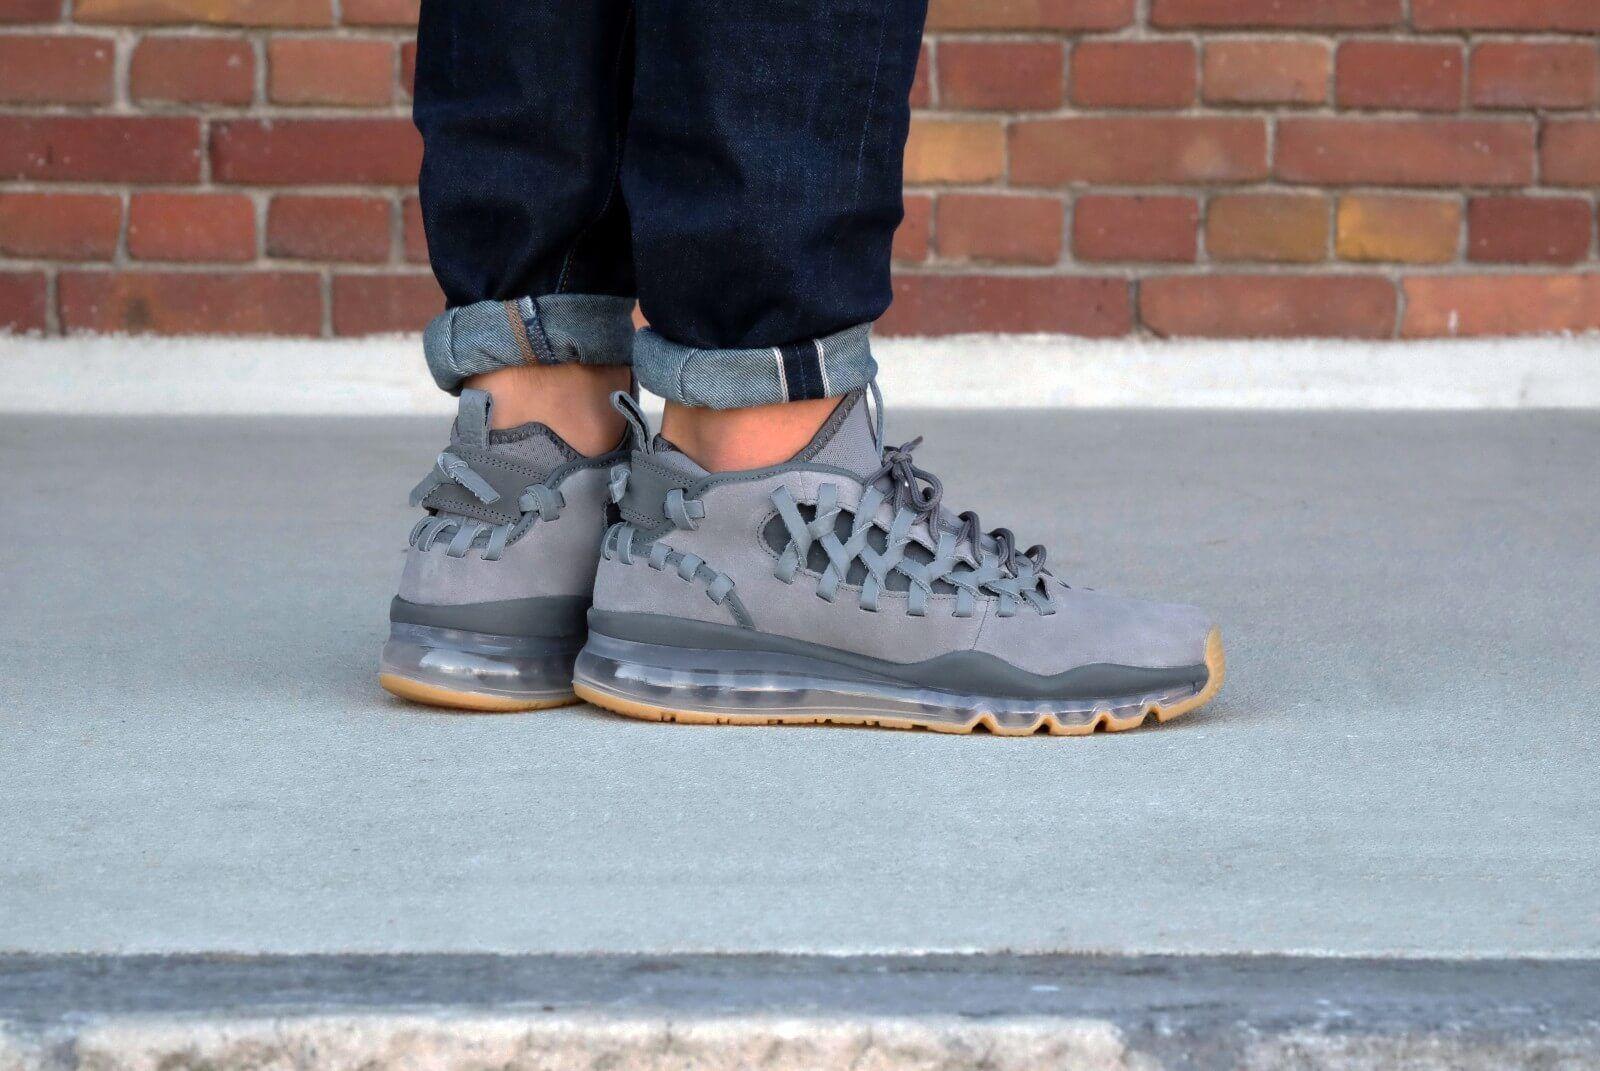 Nike air max tr17 kühlen grau / dunkelgrau 880996-002 mens sz 10 numuck.